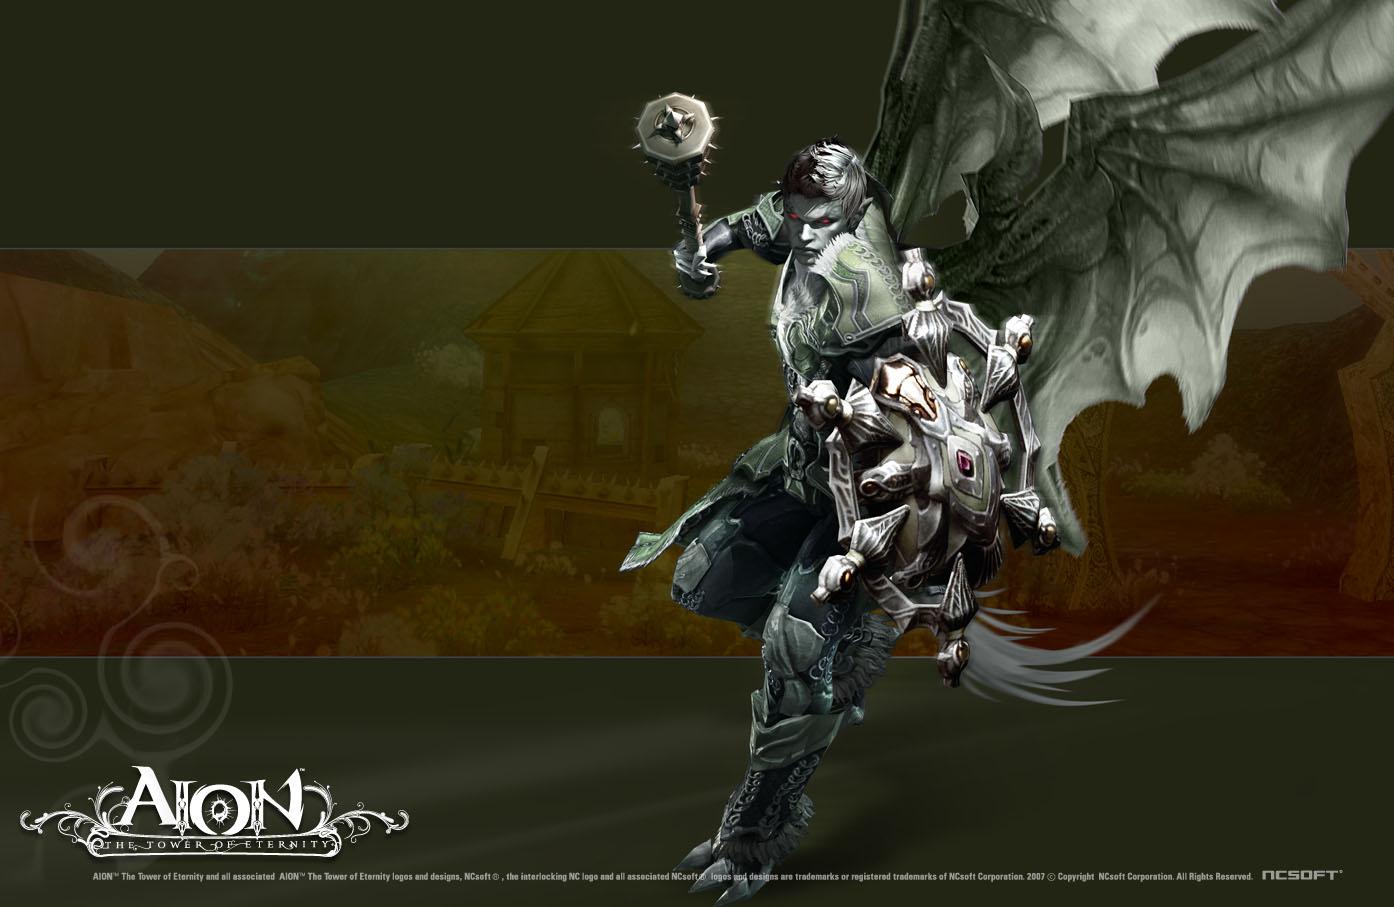 http://3.bp.blogspot.com/-W56MNcTVtFQ/TaJWzFz73fI/AAAAAAAABQo/lp_Pr1Tvwac/s1600/AION-Wallpaper-Screenshot-PC-Game-Online-12.jpg